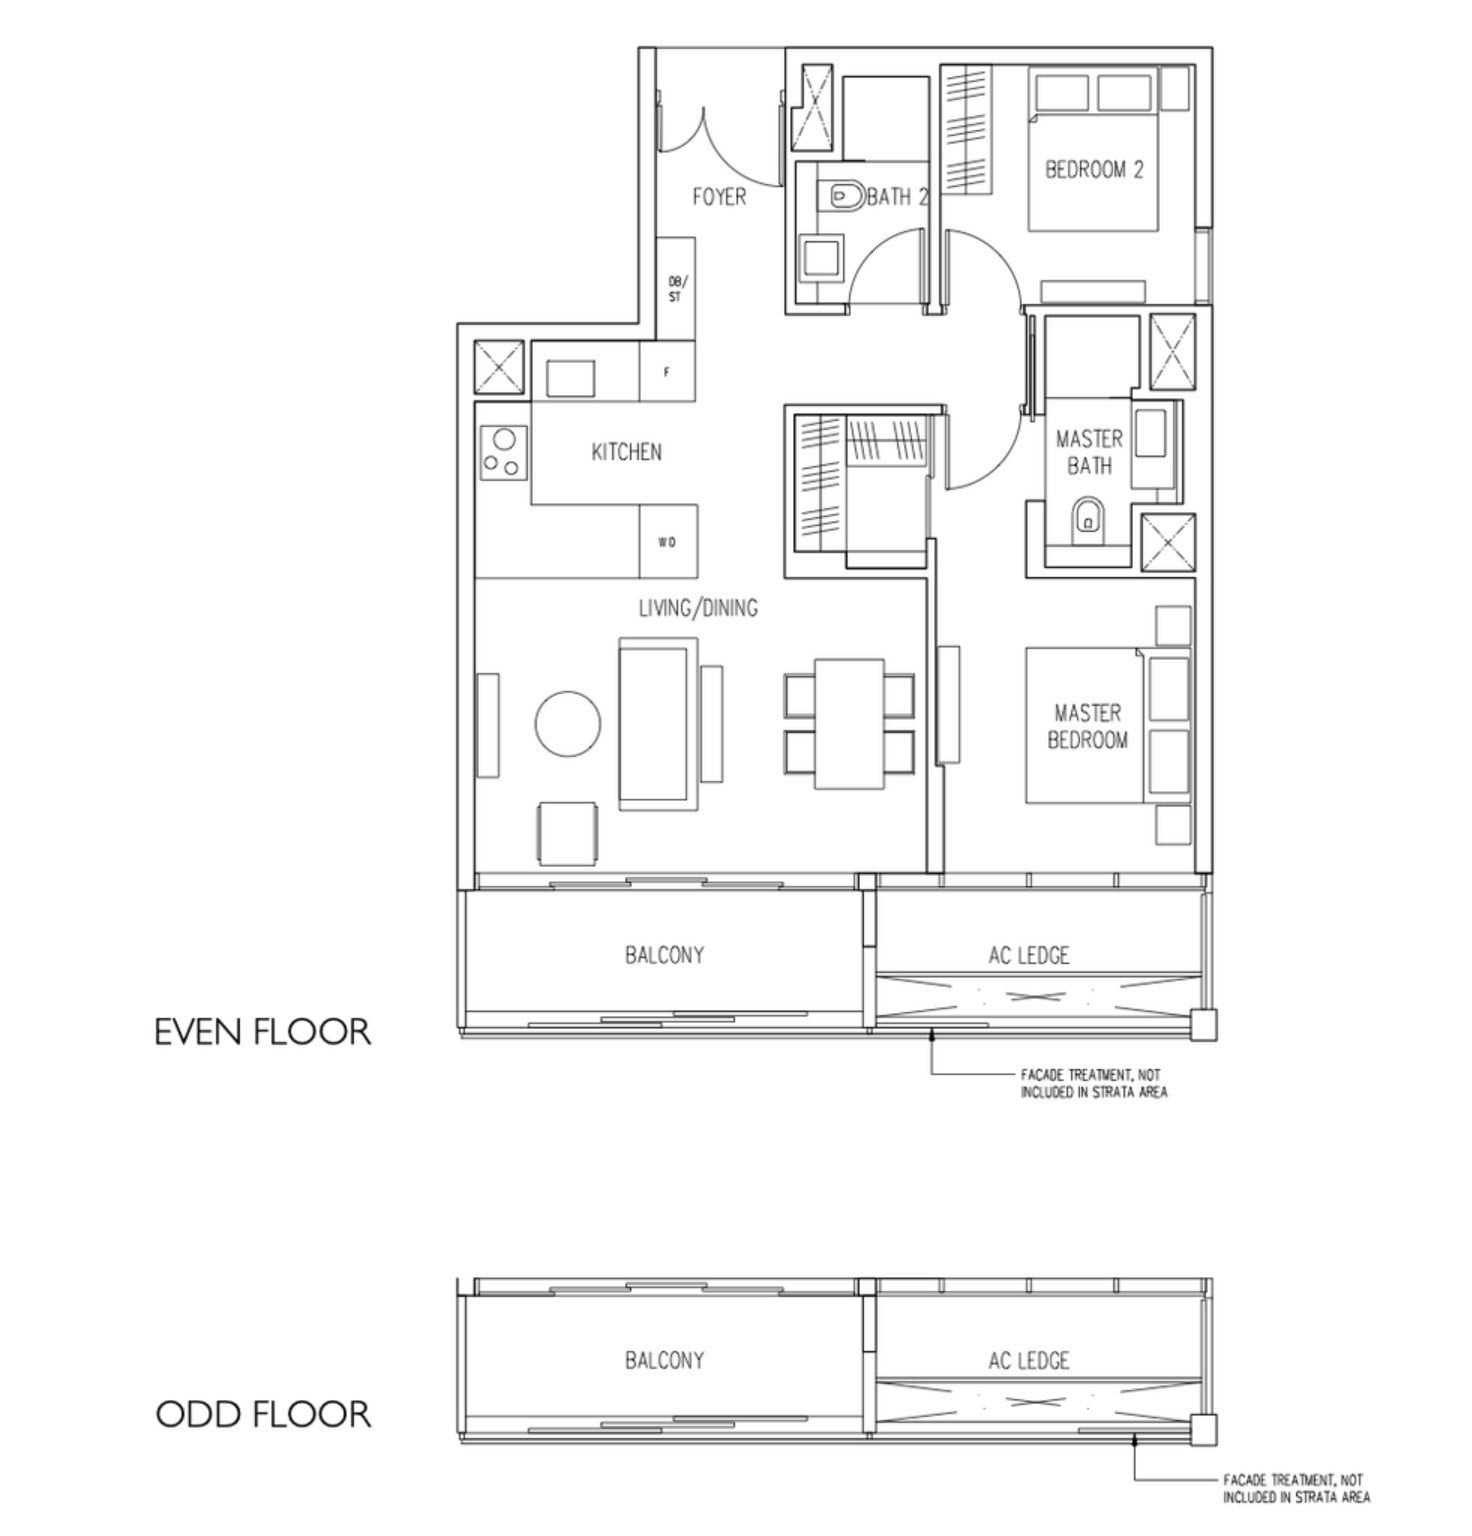 19 Nassim Condo floor plan 2BR2Bath type B3